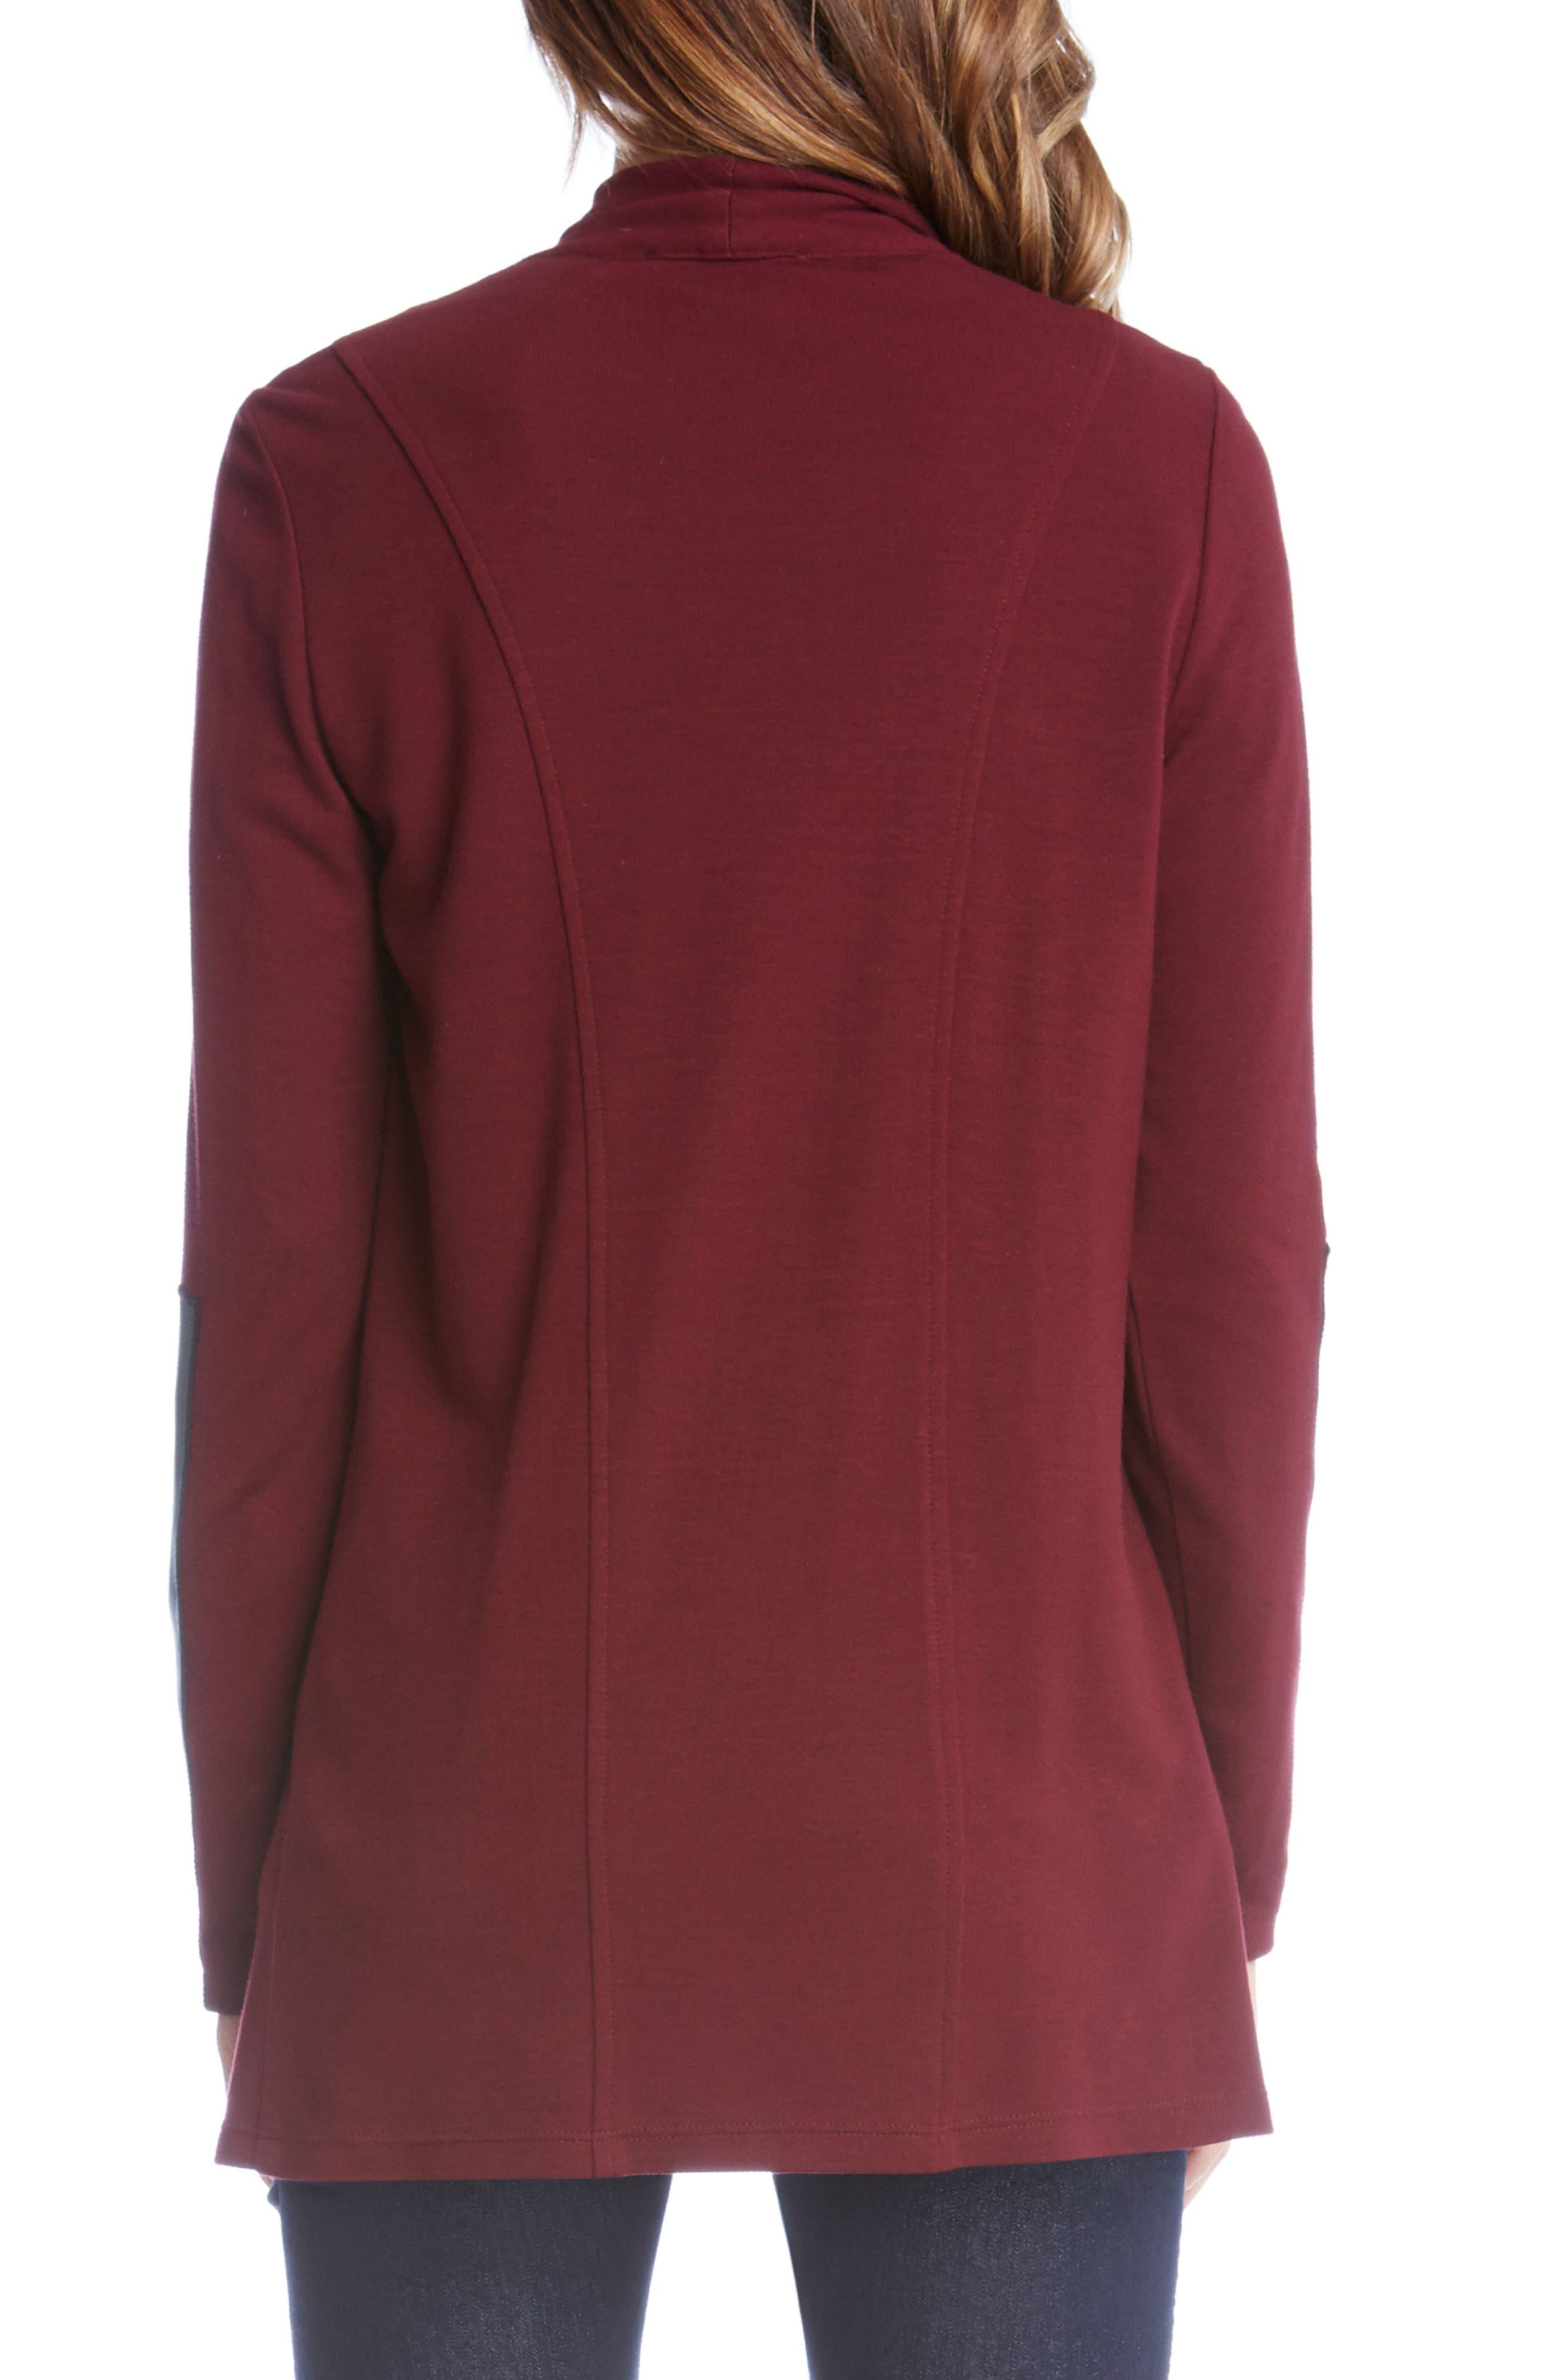 Alternate Image 2  - Karen Kane Faux Leather Detail Jacket